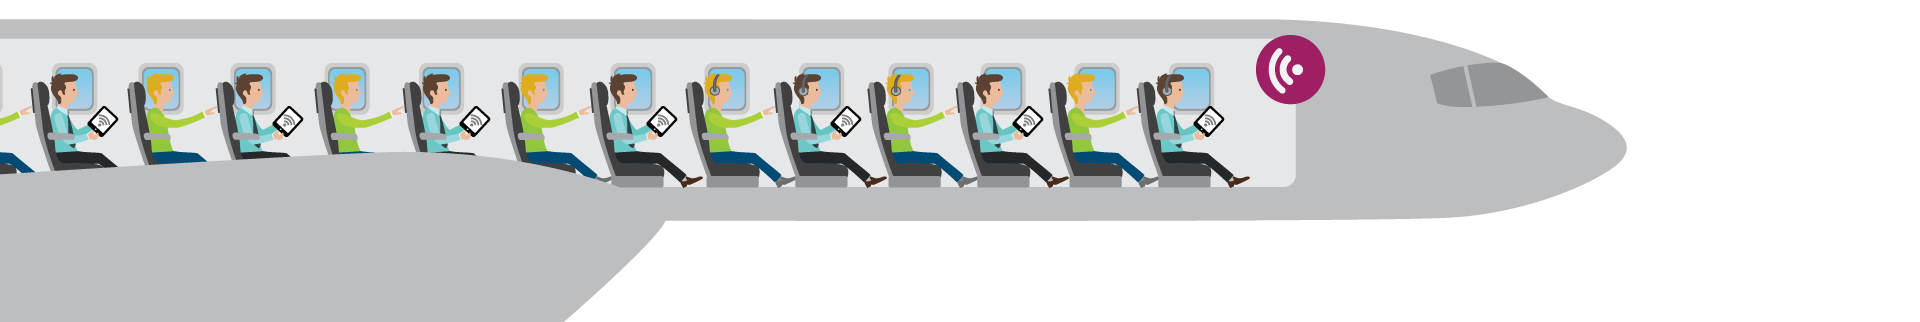 publicidad en pantallas de aviones